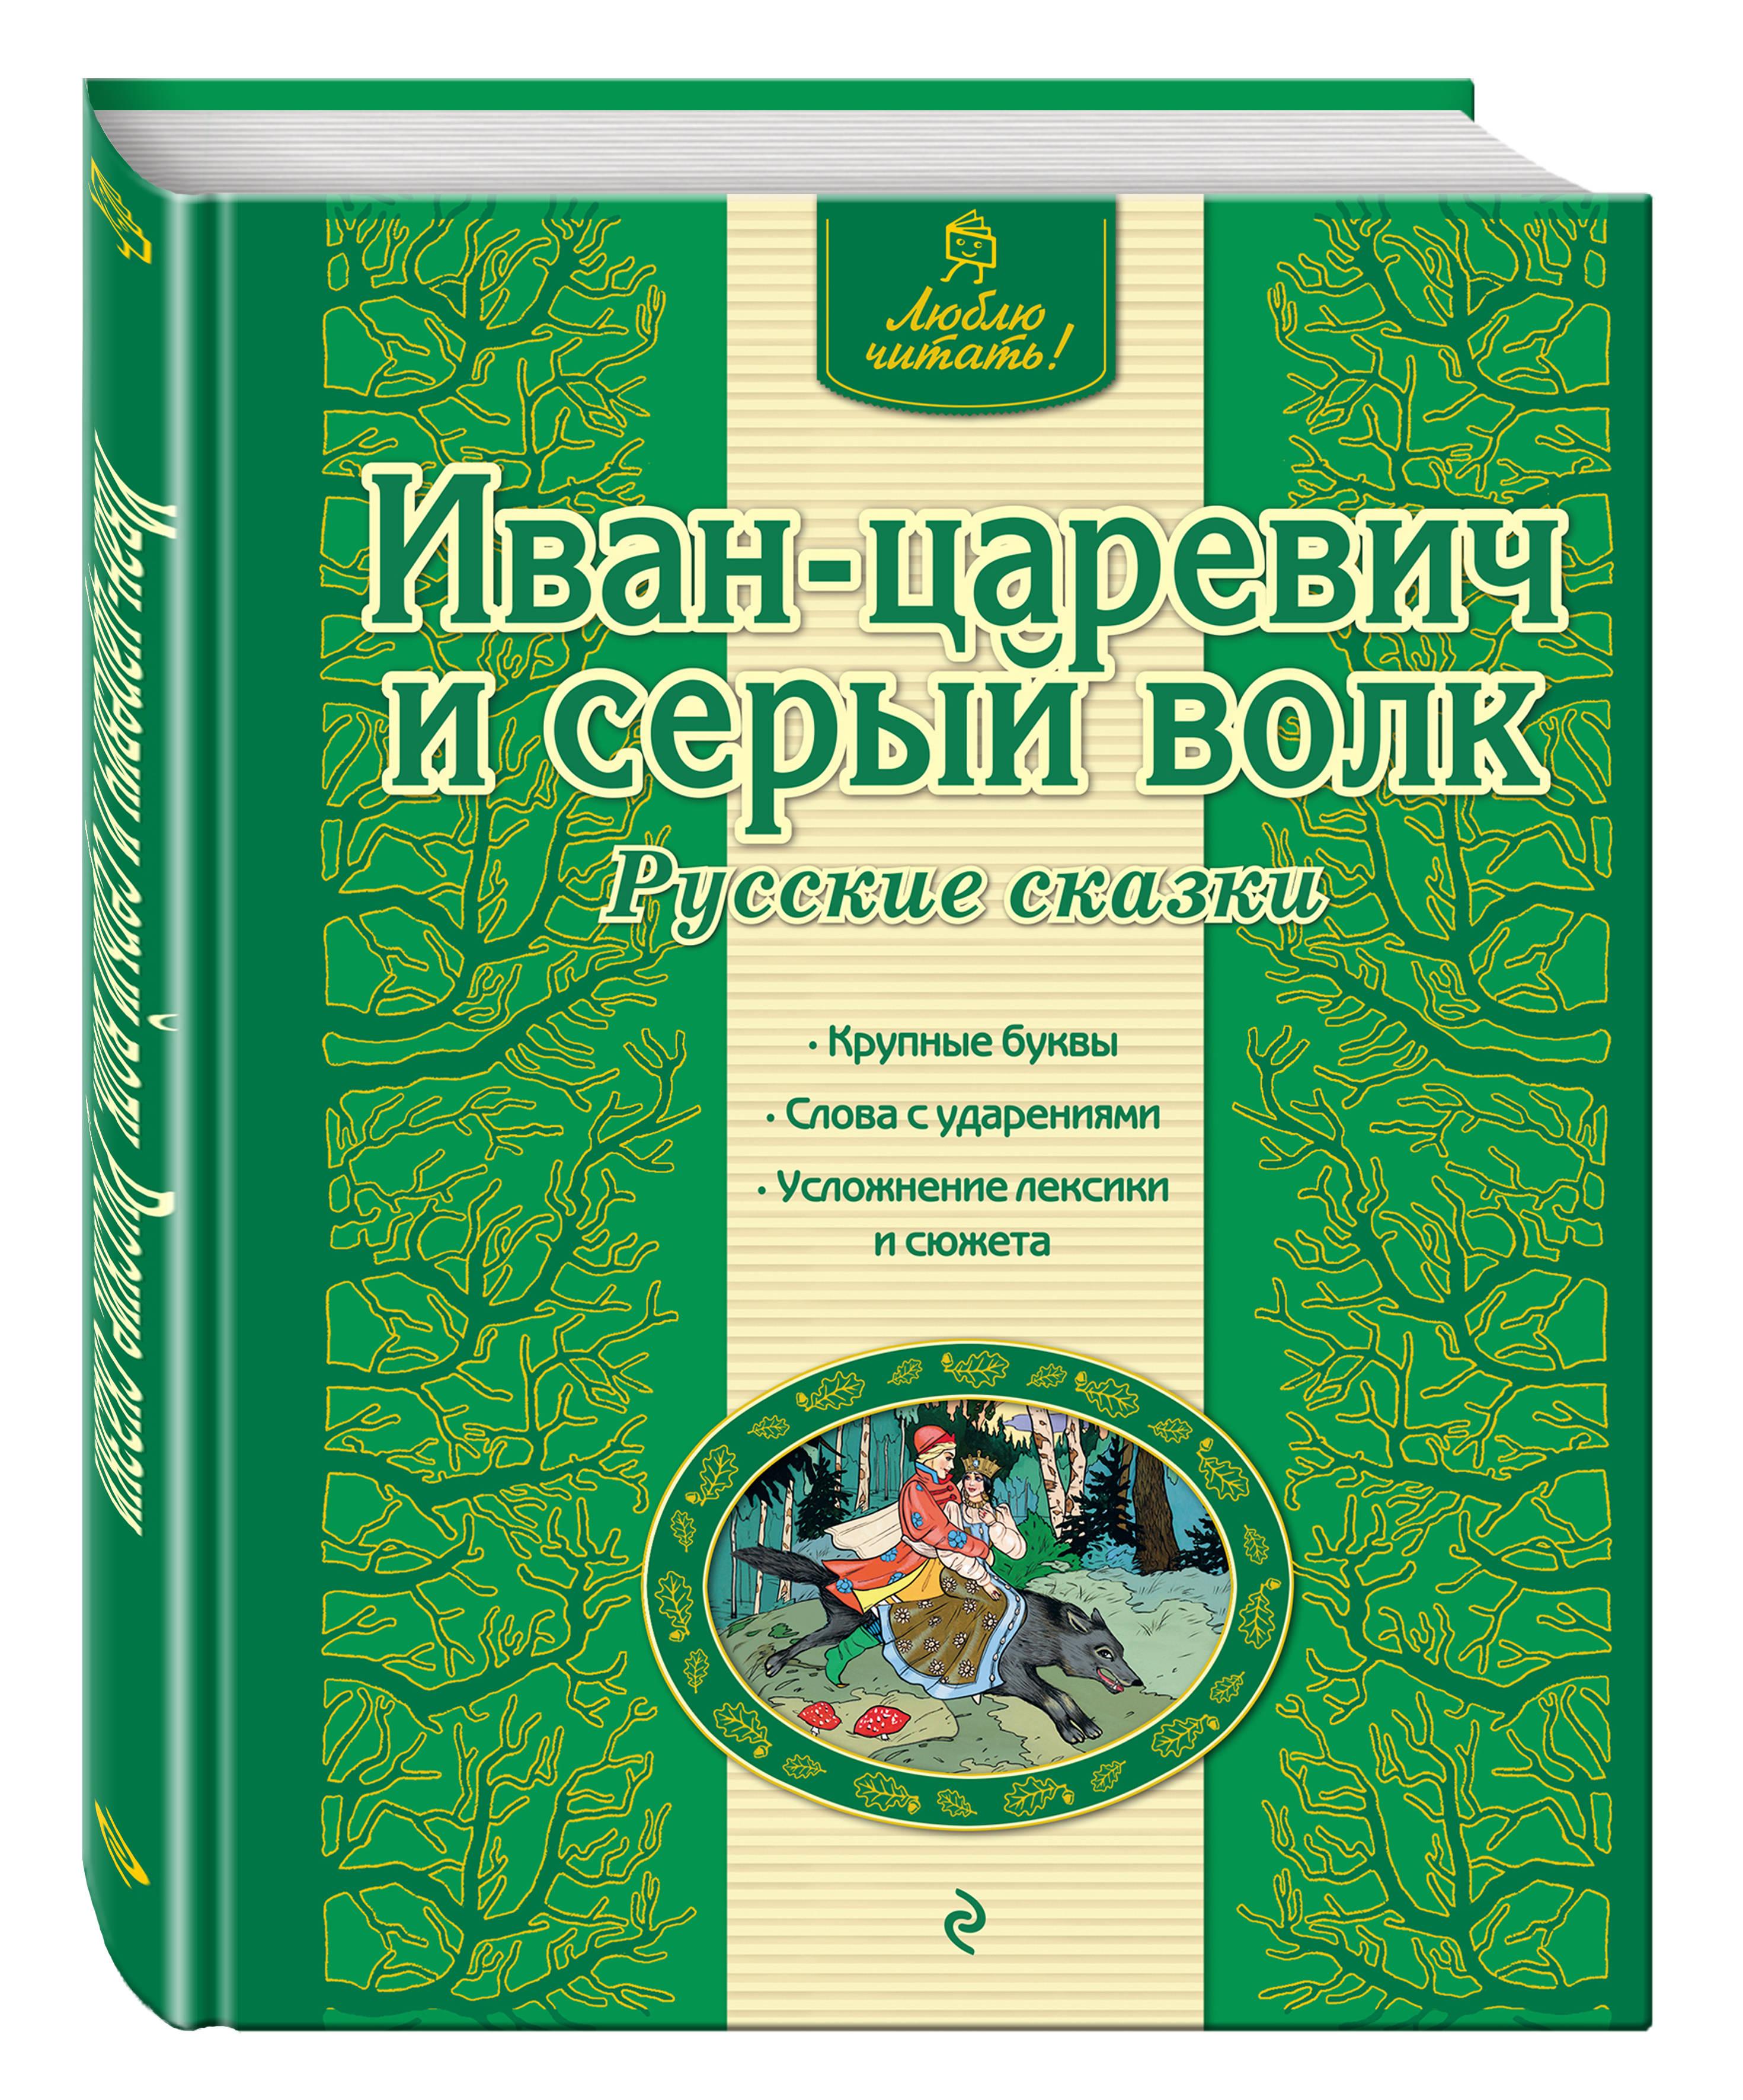 Иван-царевич и серый волк. Русские сказки а н толстой иван царевич и серый волк